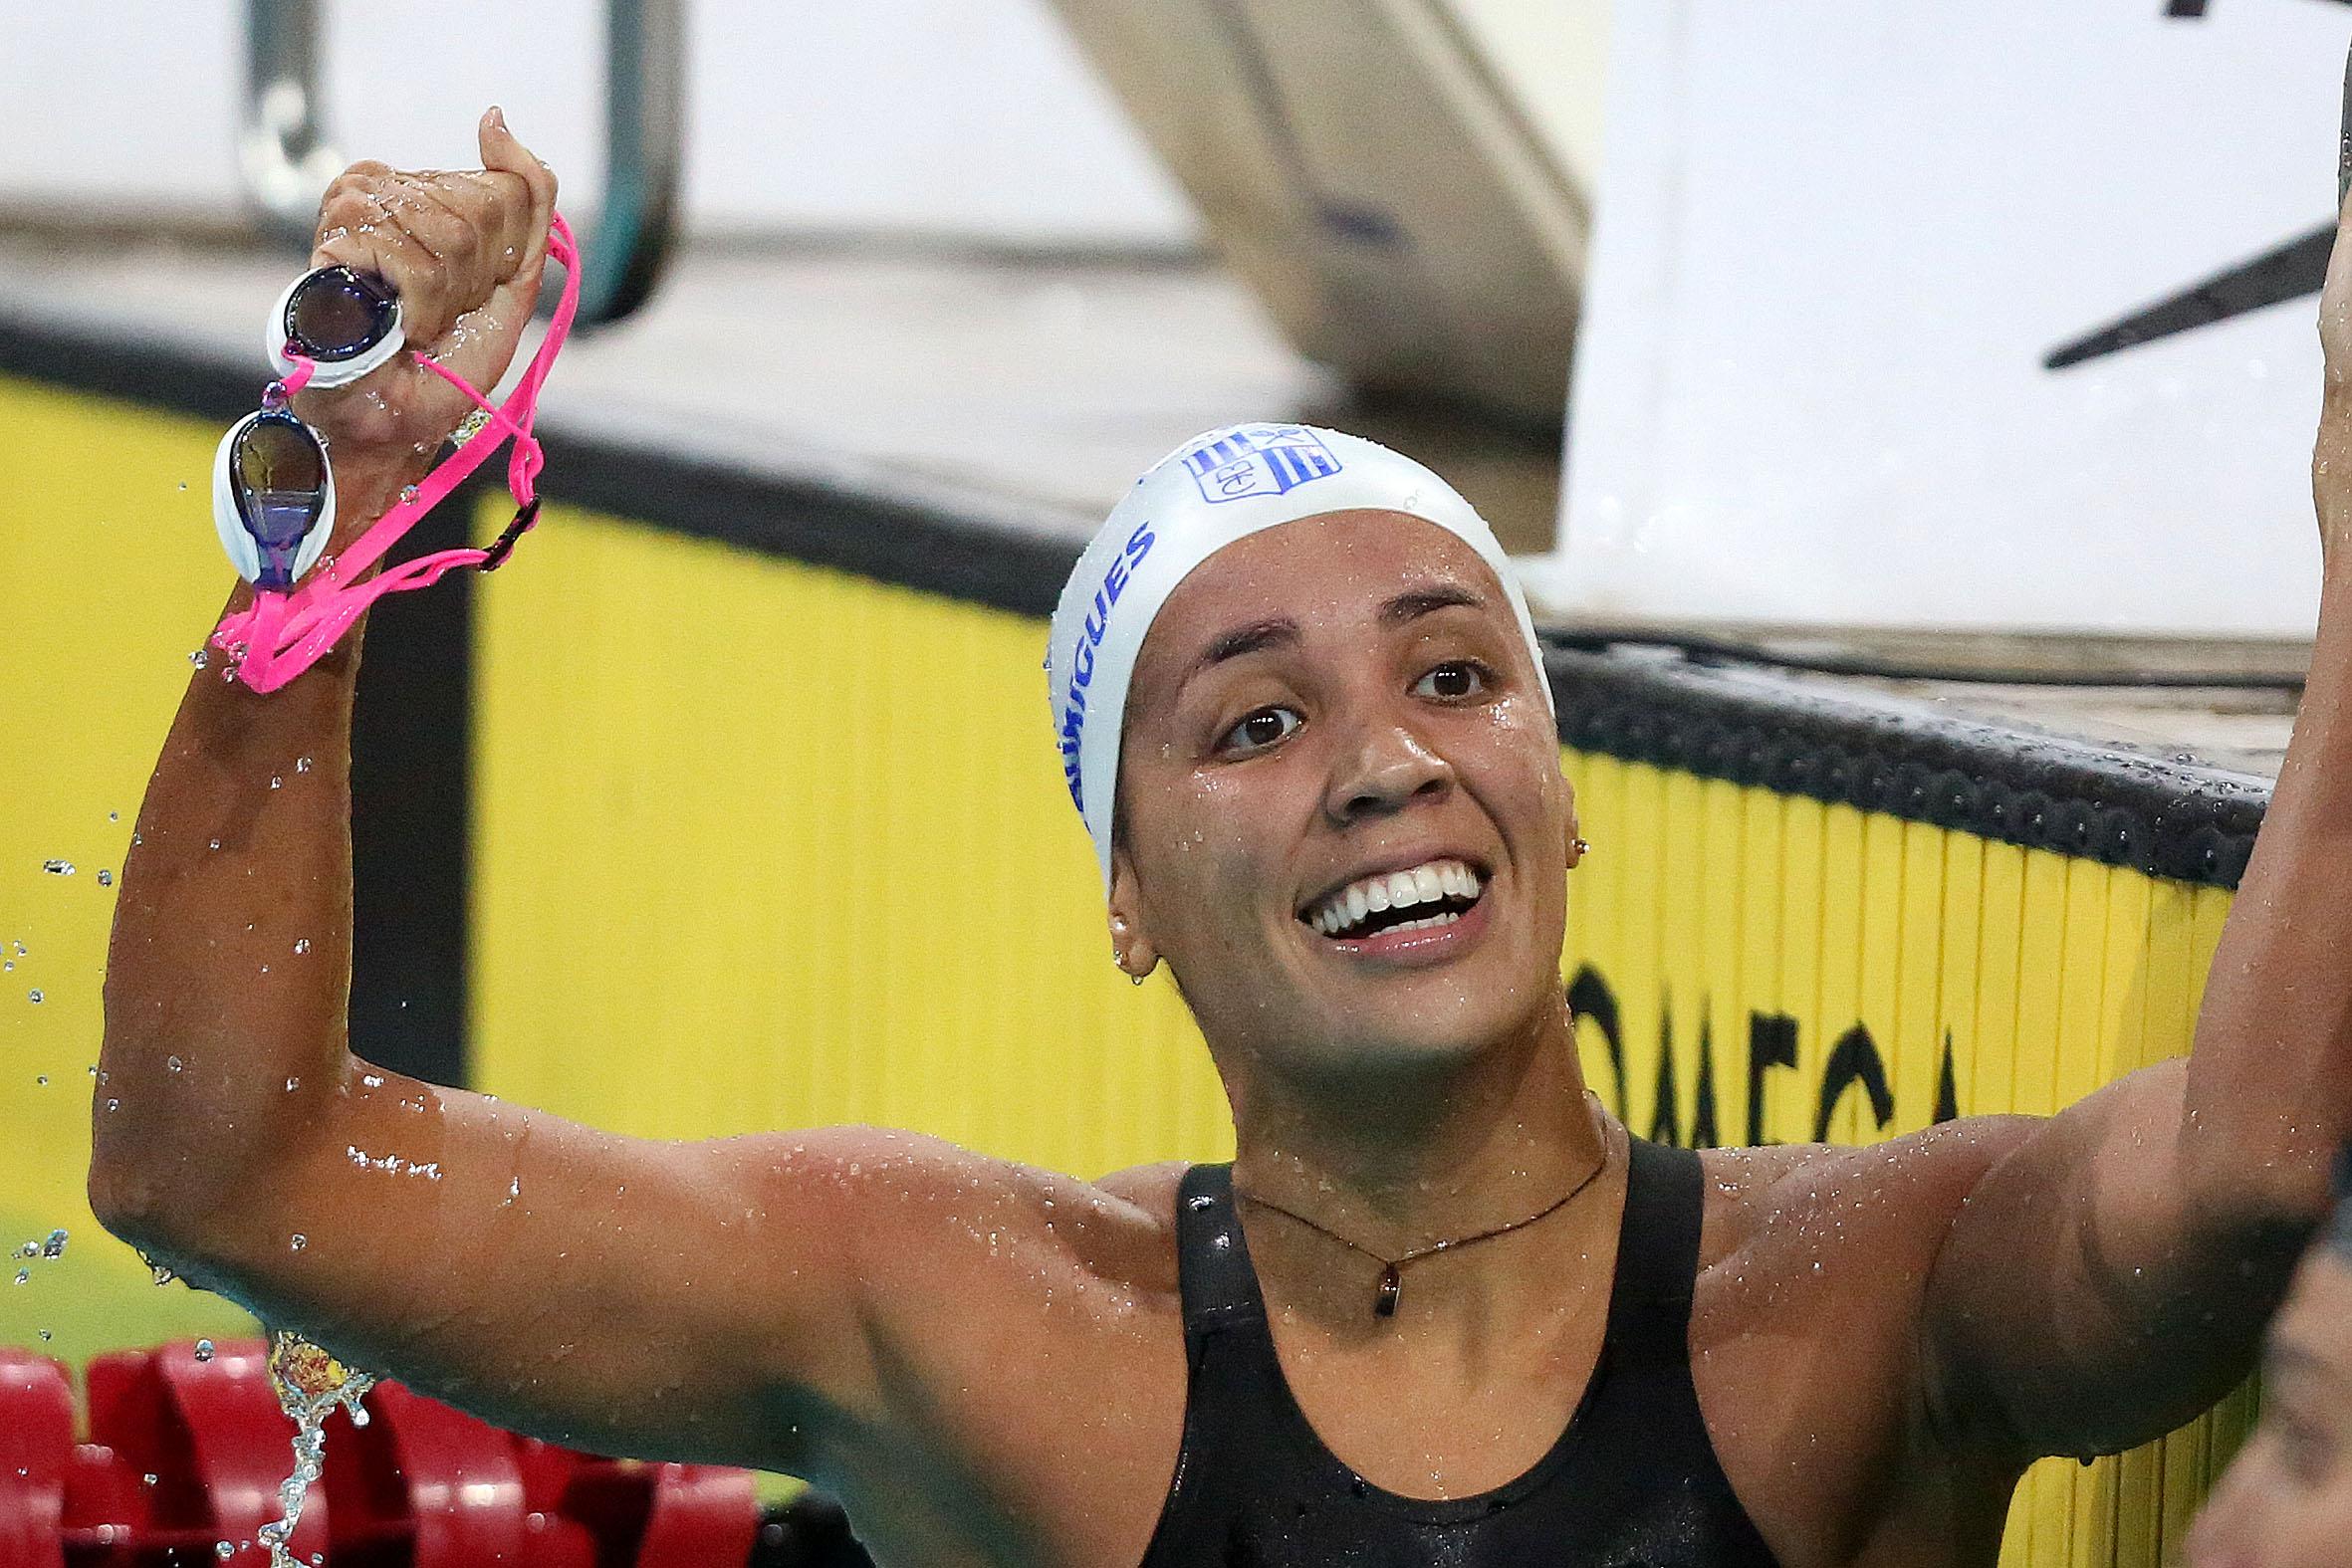 Aline Rodrigues comemorou muito o resultado dos 200m livre